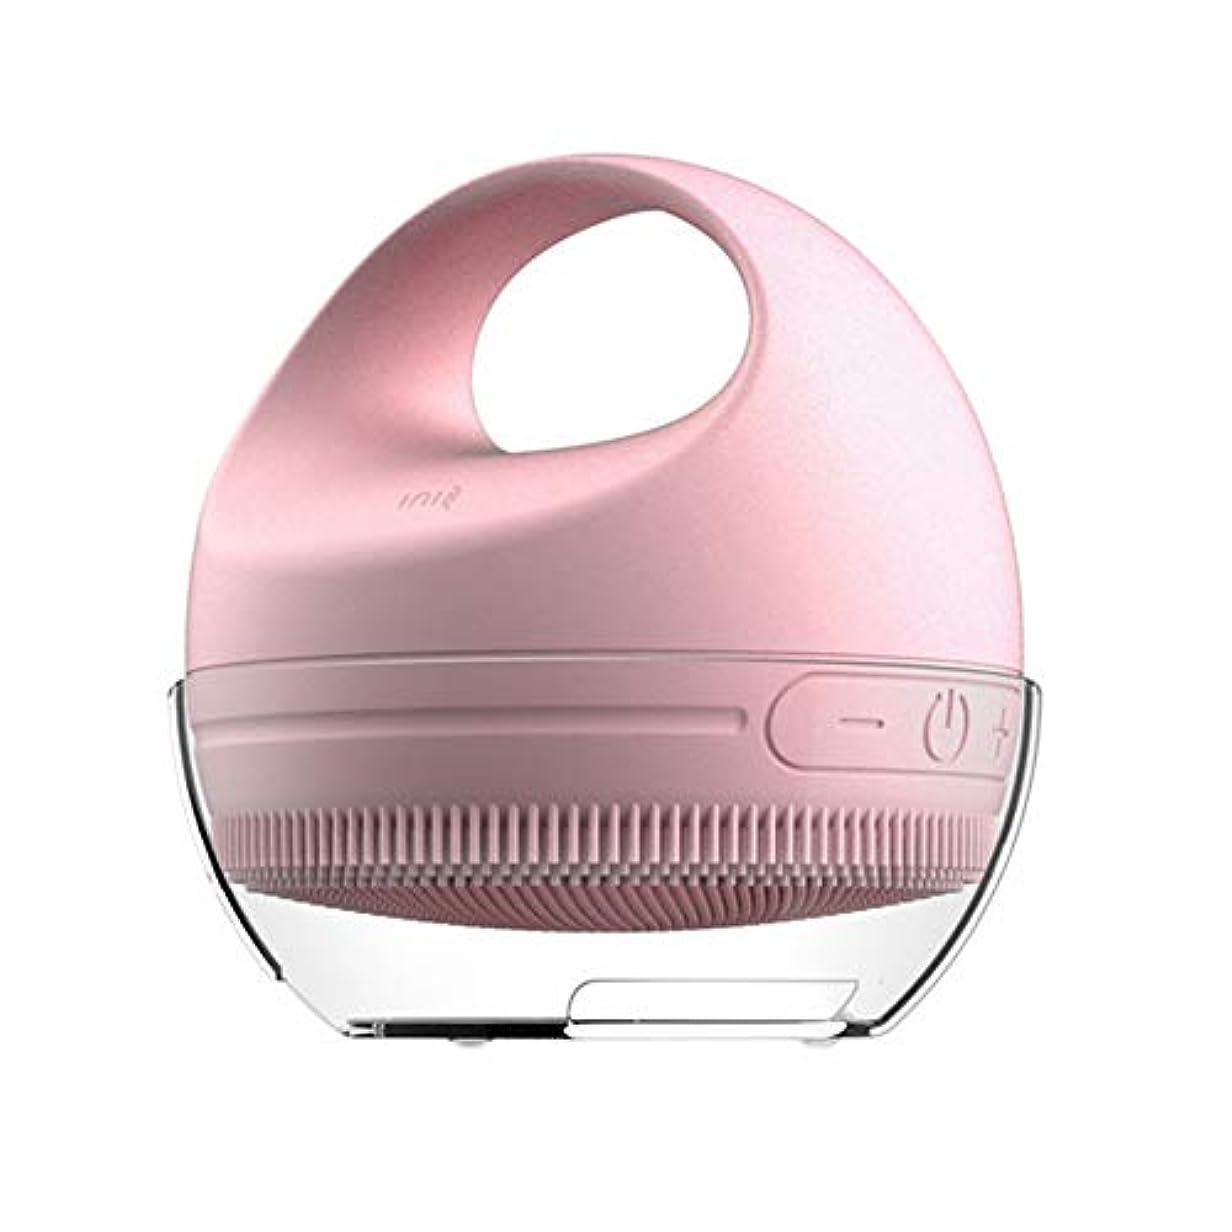 類人猿重要なステッチ電気暖かい/振動シリコーンフェイスクレンザーとマッサージブラシをアップグレードしてください自己乾燥技術を使って、滑り止めのハンドル、インテリジェントなタイミング、防水IPX6、1200 mAhバッテリ,Pink